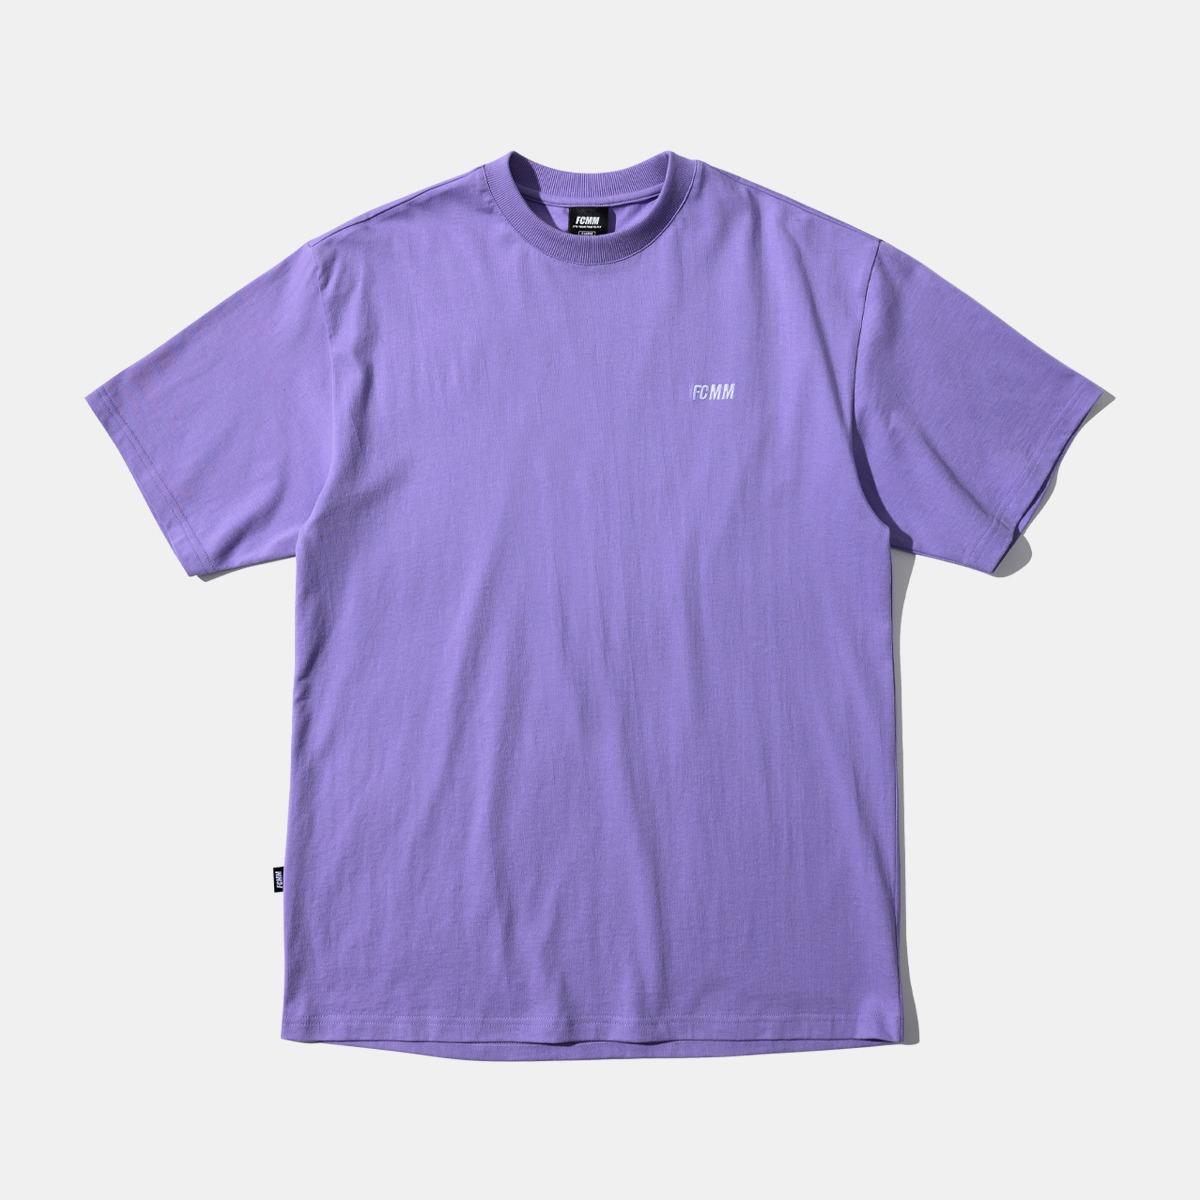 클럽 팀 프레쉬 코튼 티셔츠 - 라이트 퍼플(04월 13일 순차발송)